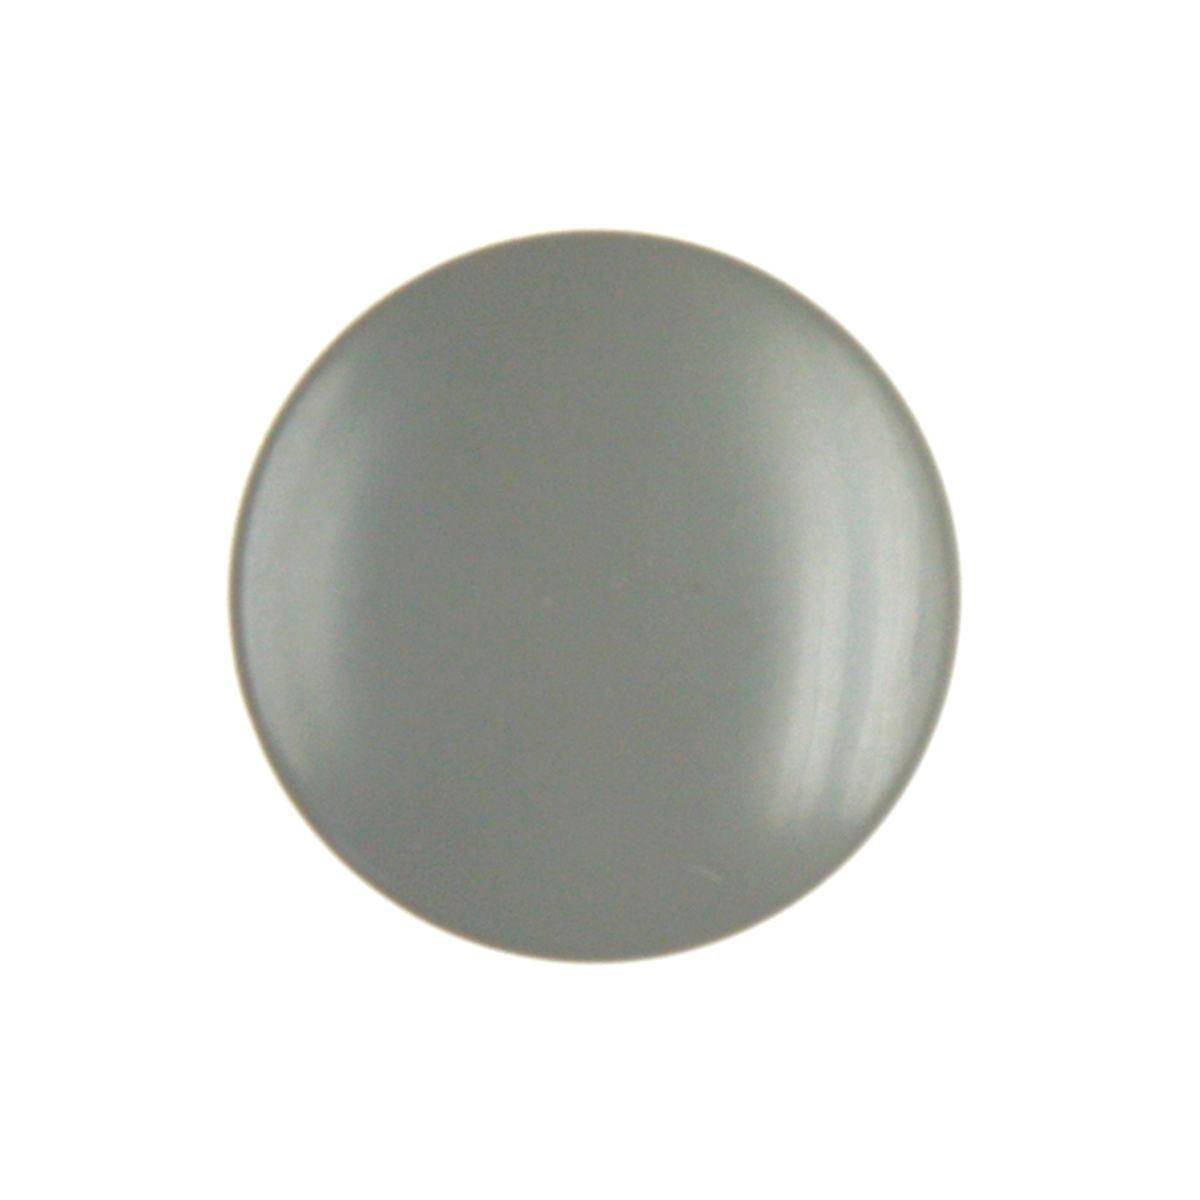 Blindprop til dørgreb sølv